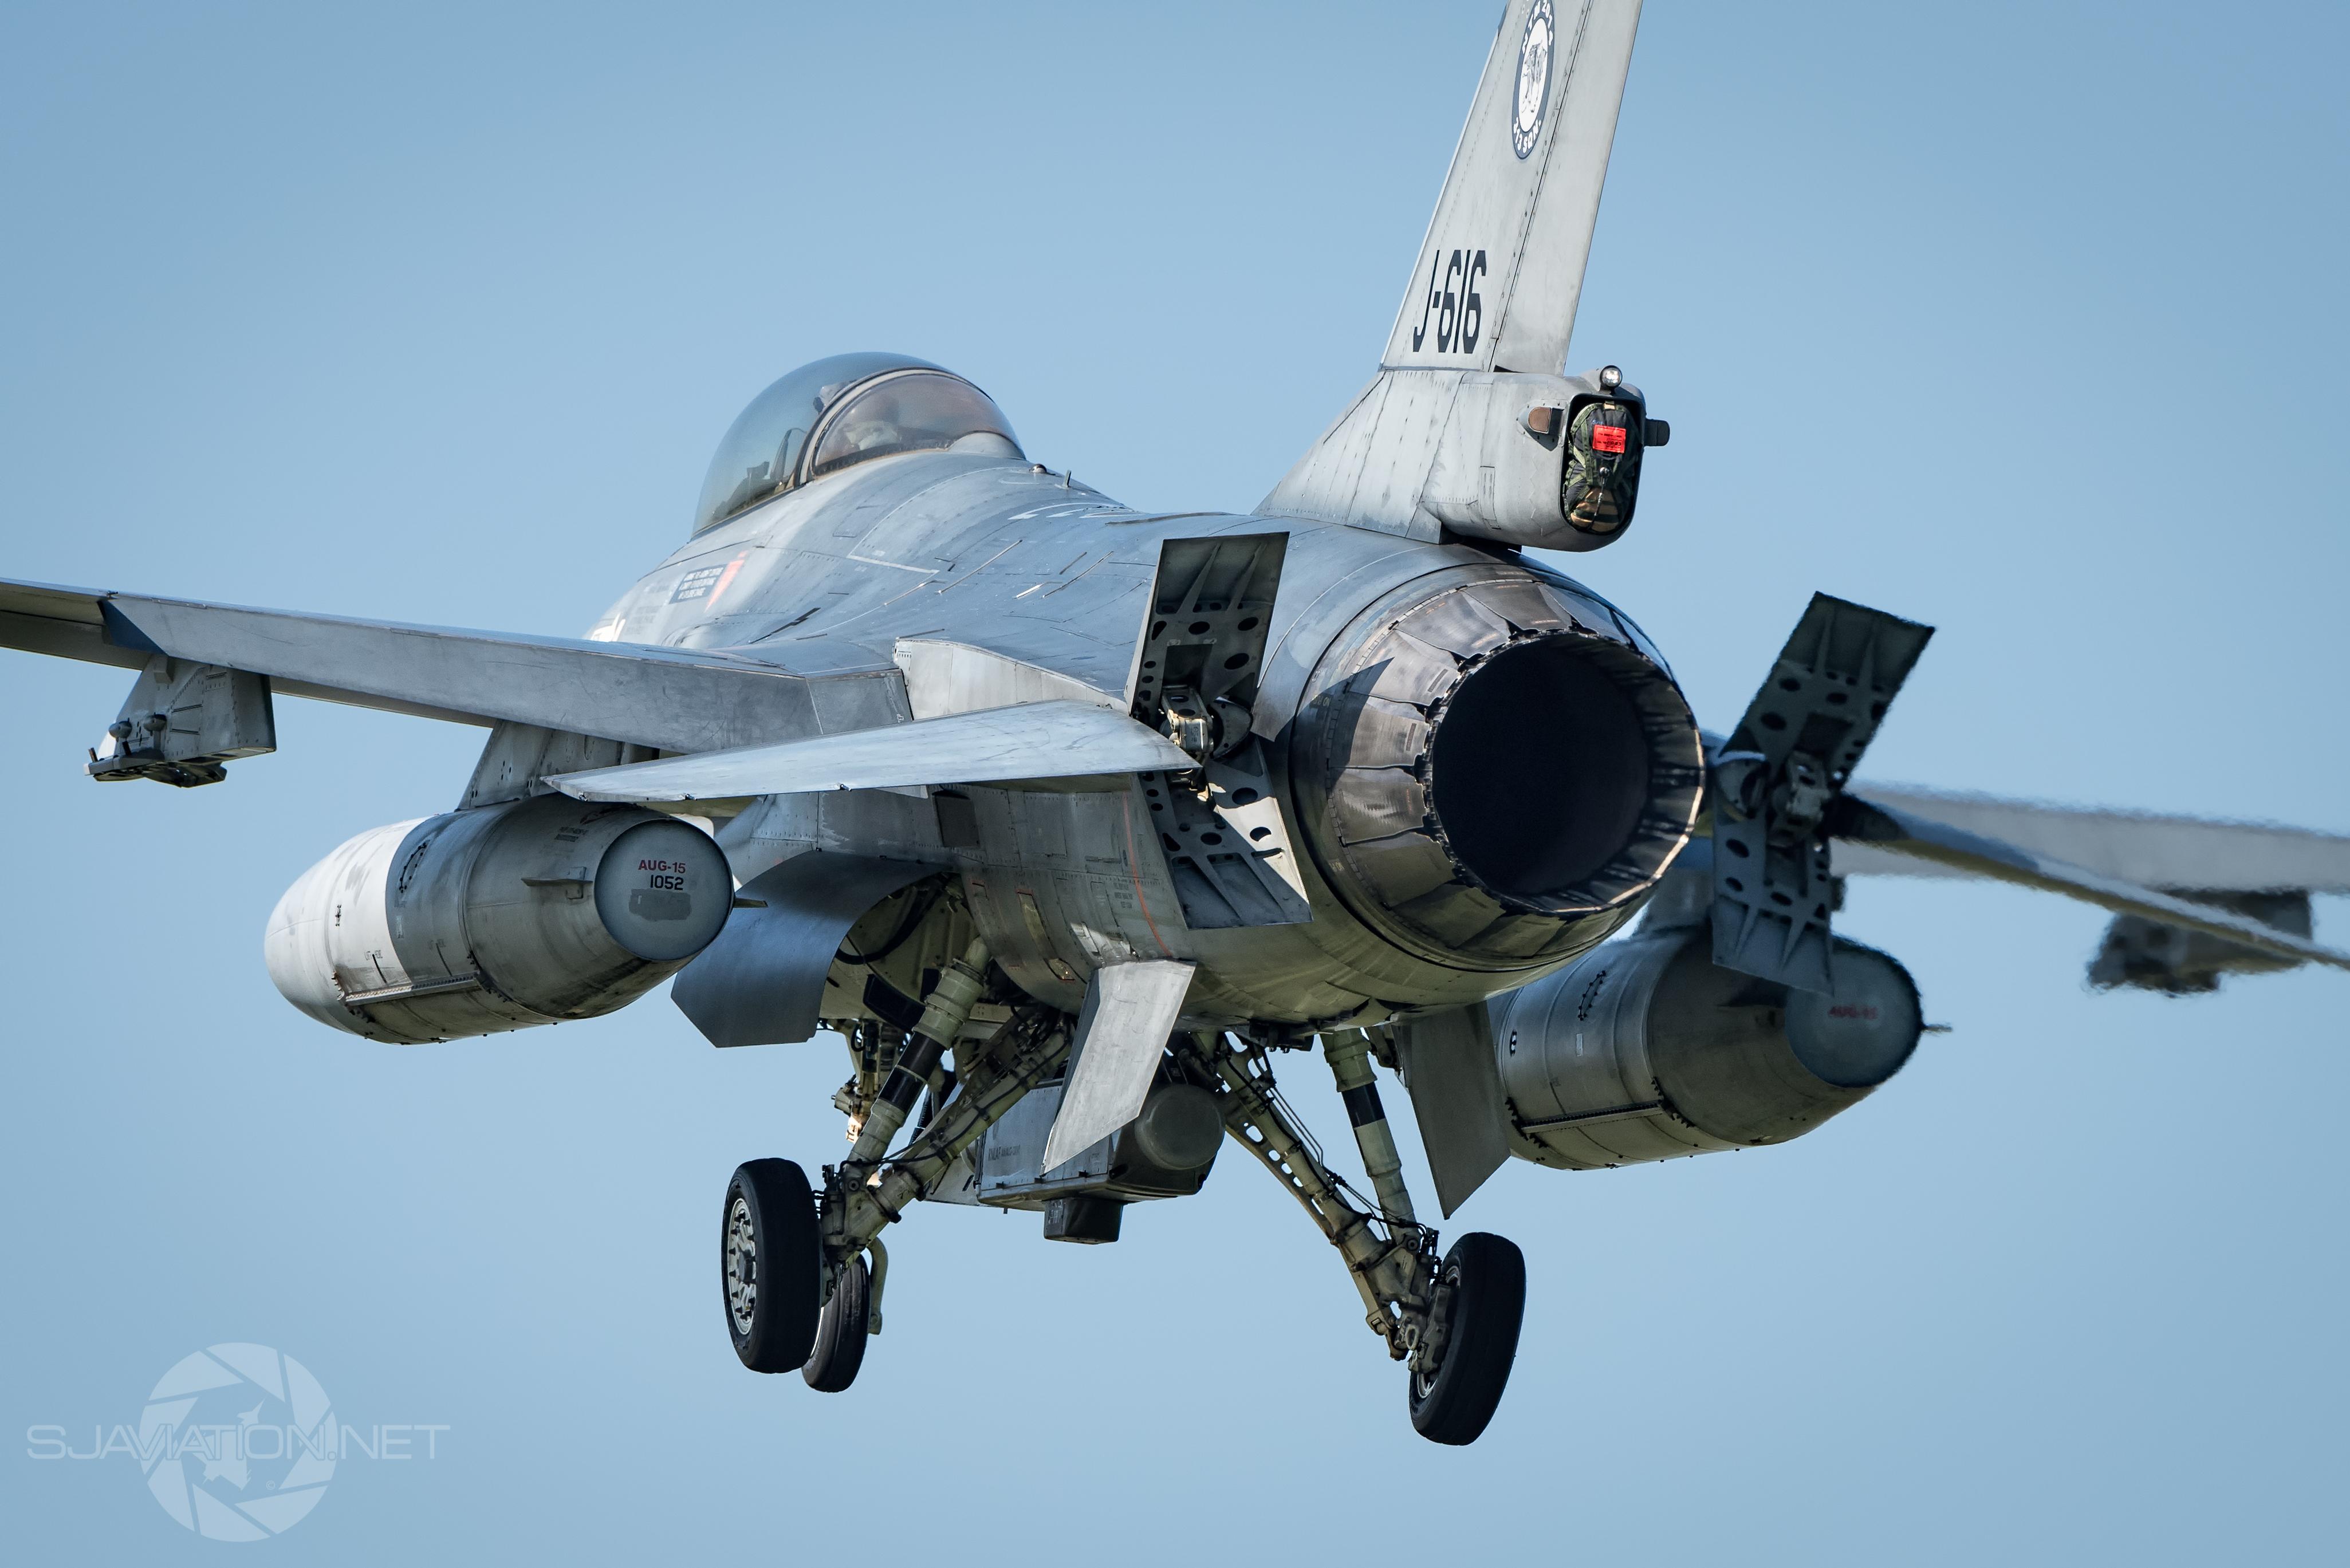 Wallpaper : airplane, tiger, Nikon, military aircraft ...